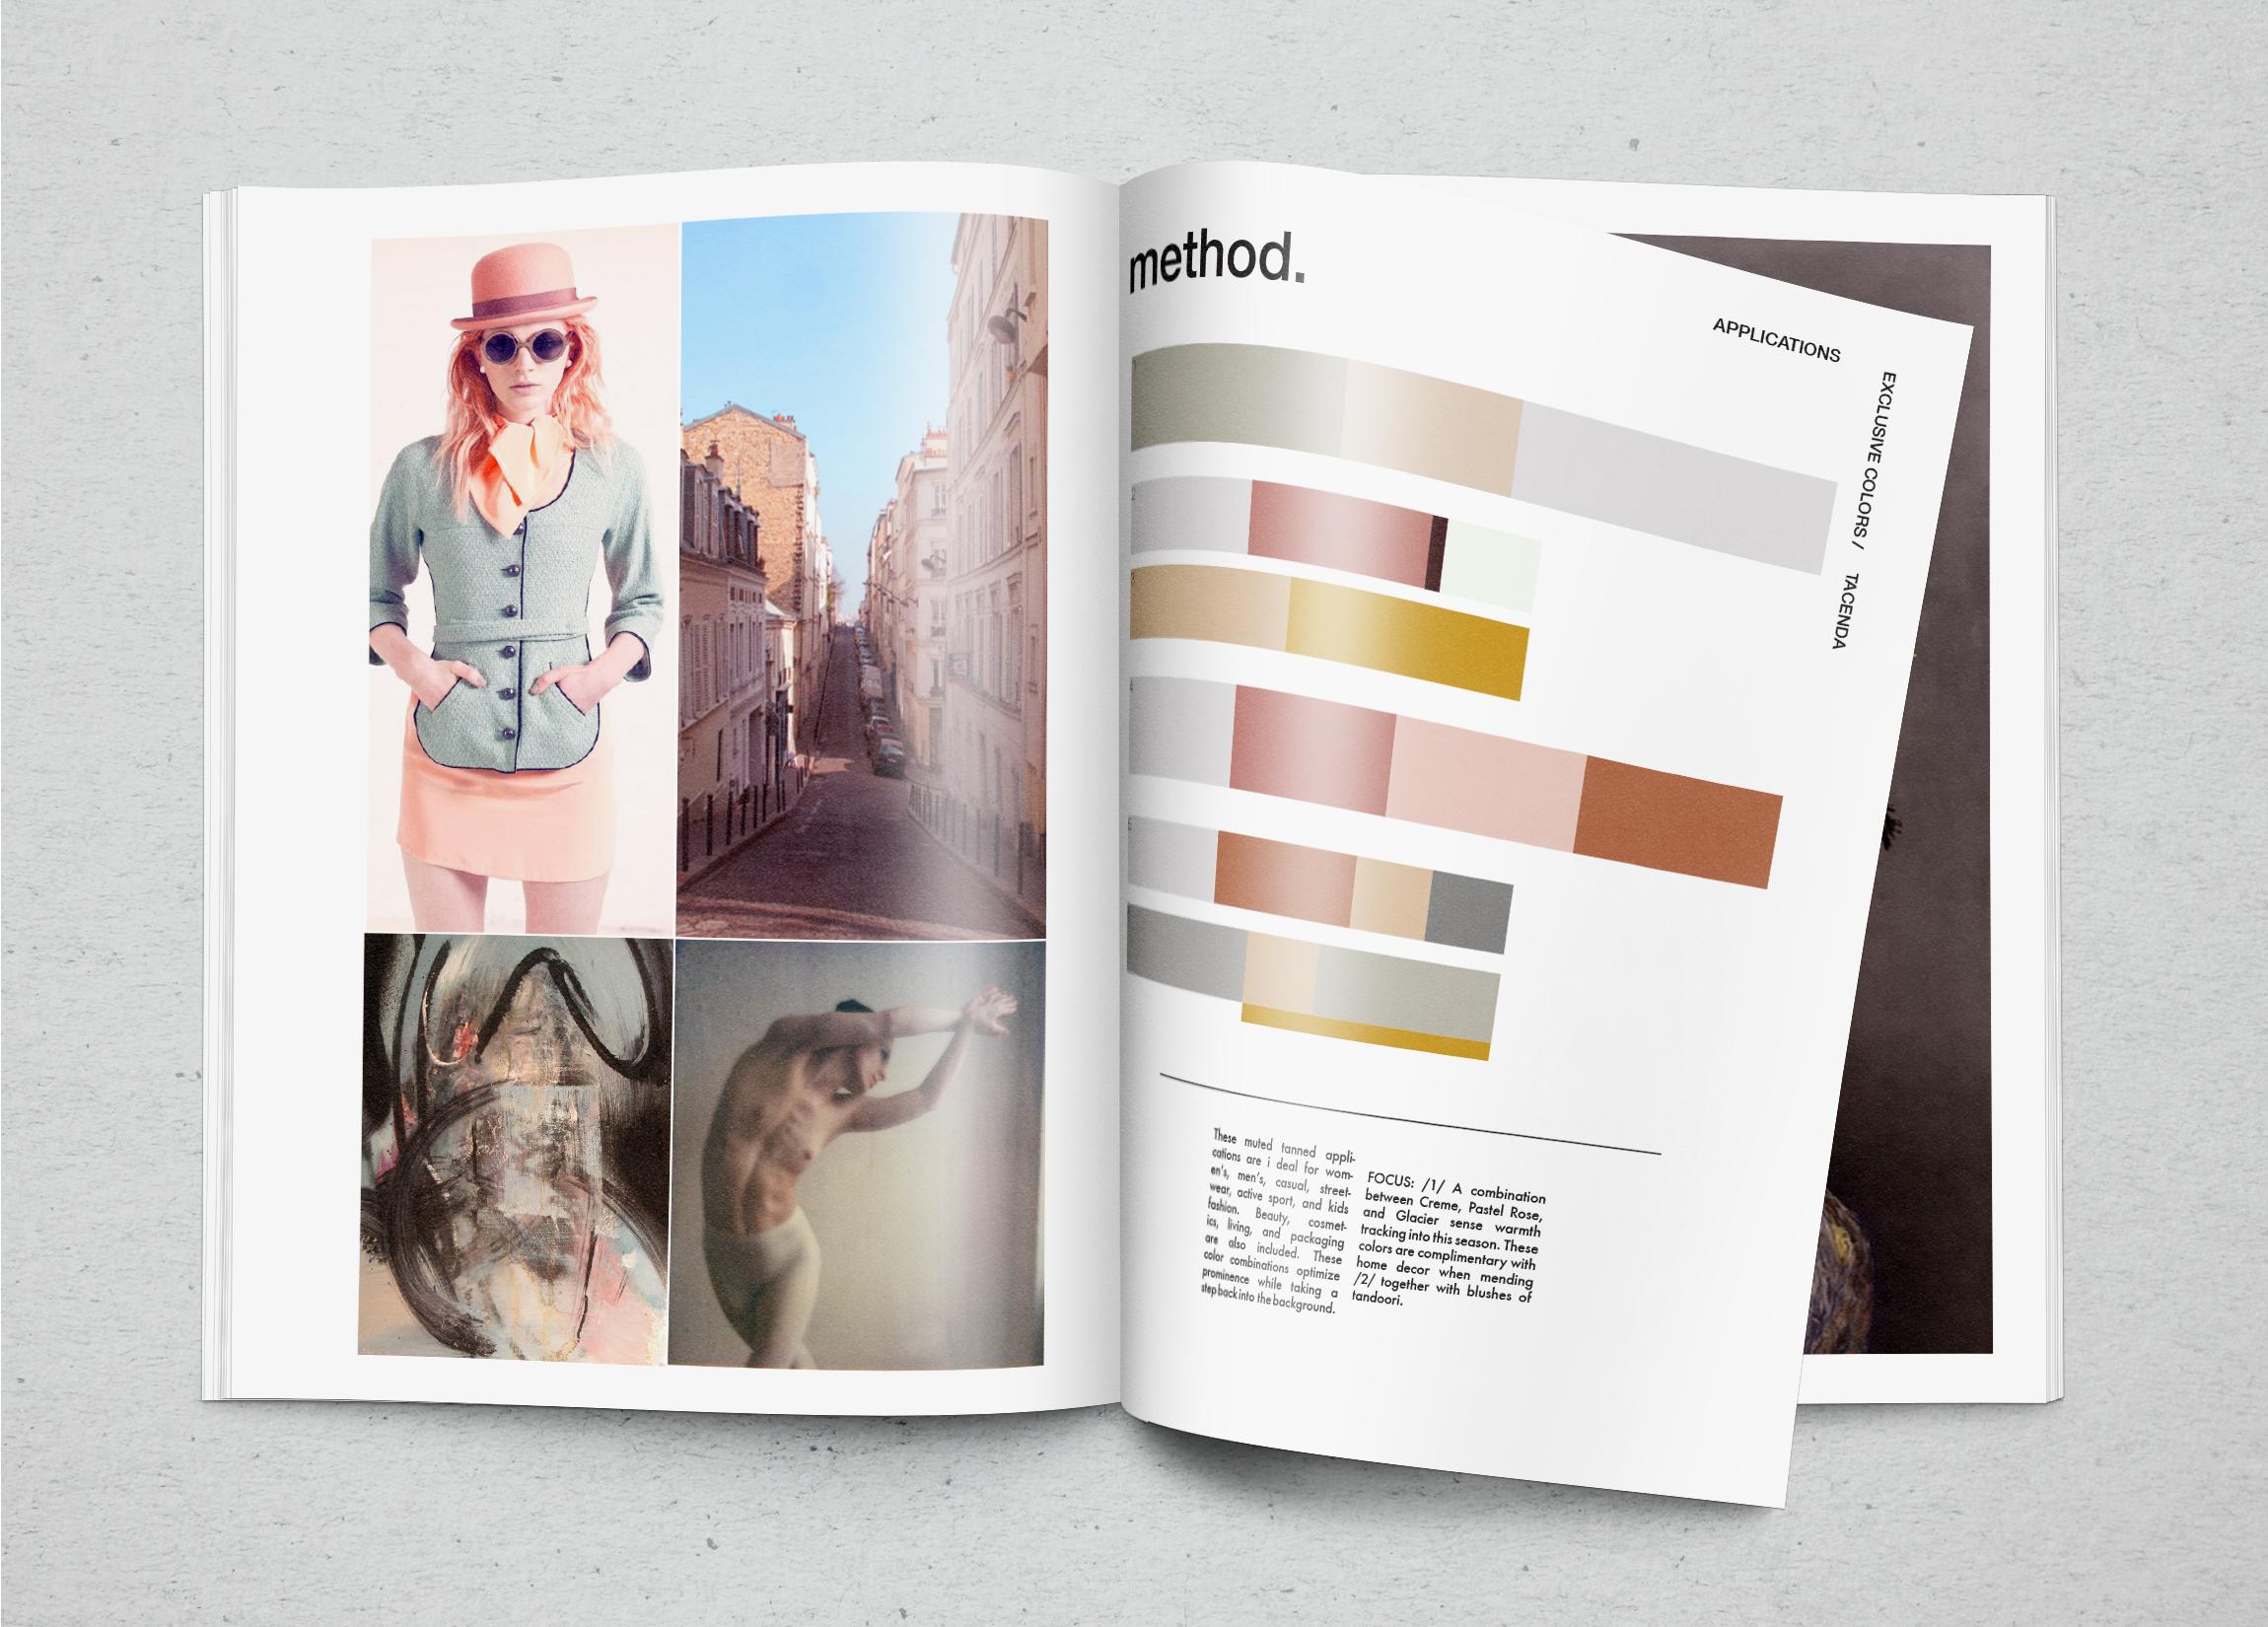 PARt_5Photorealistic Magazine MockUp.jpg